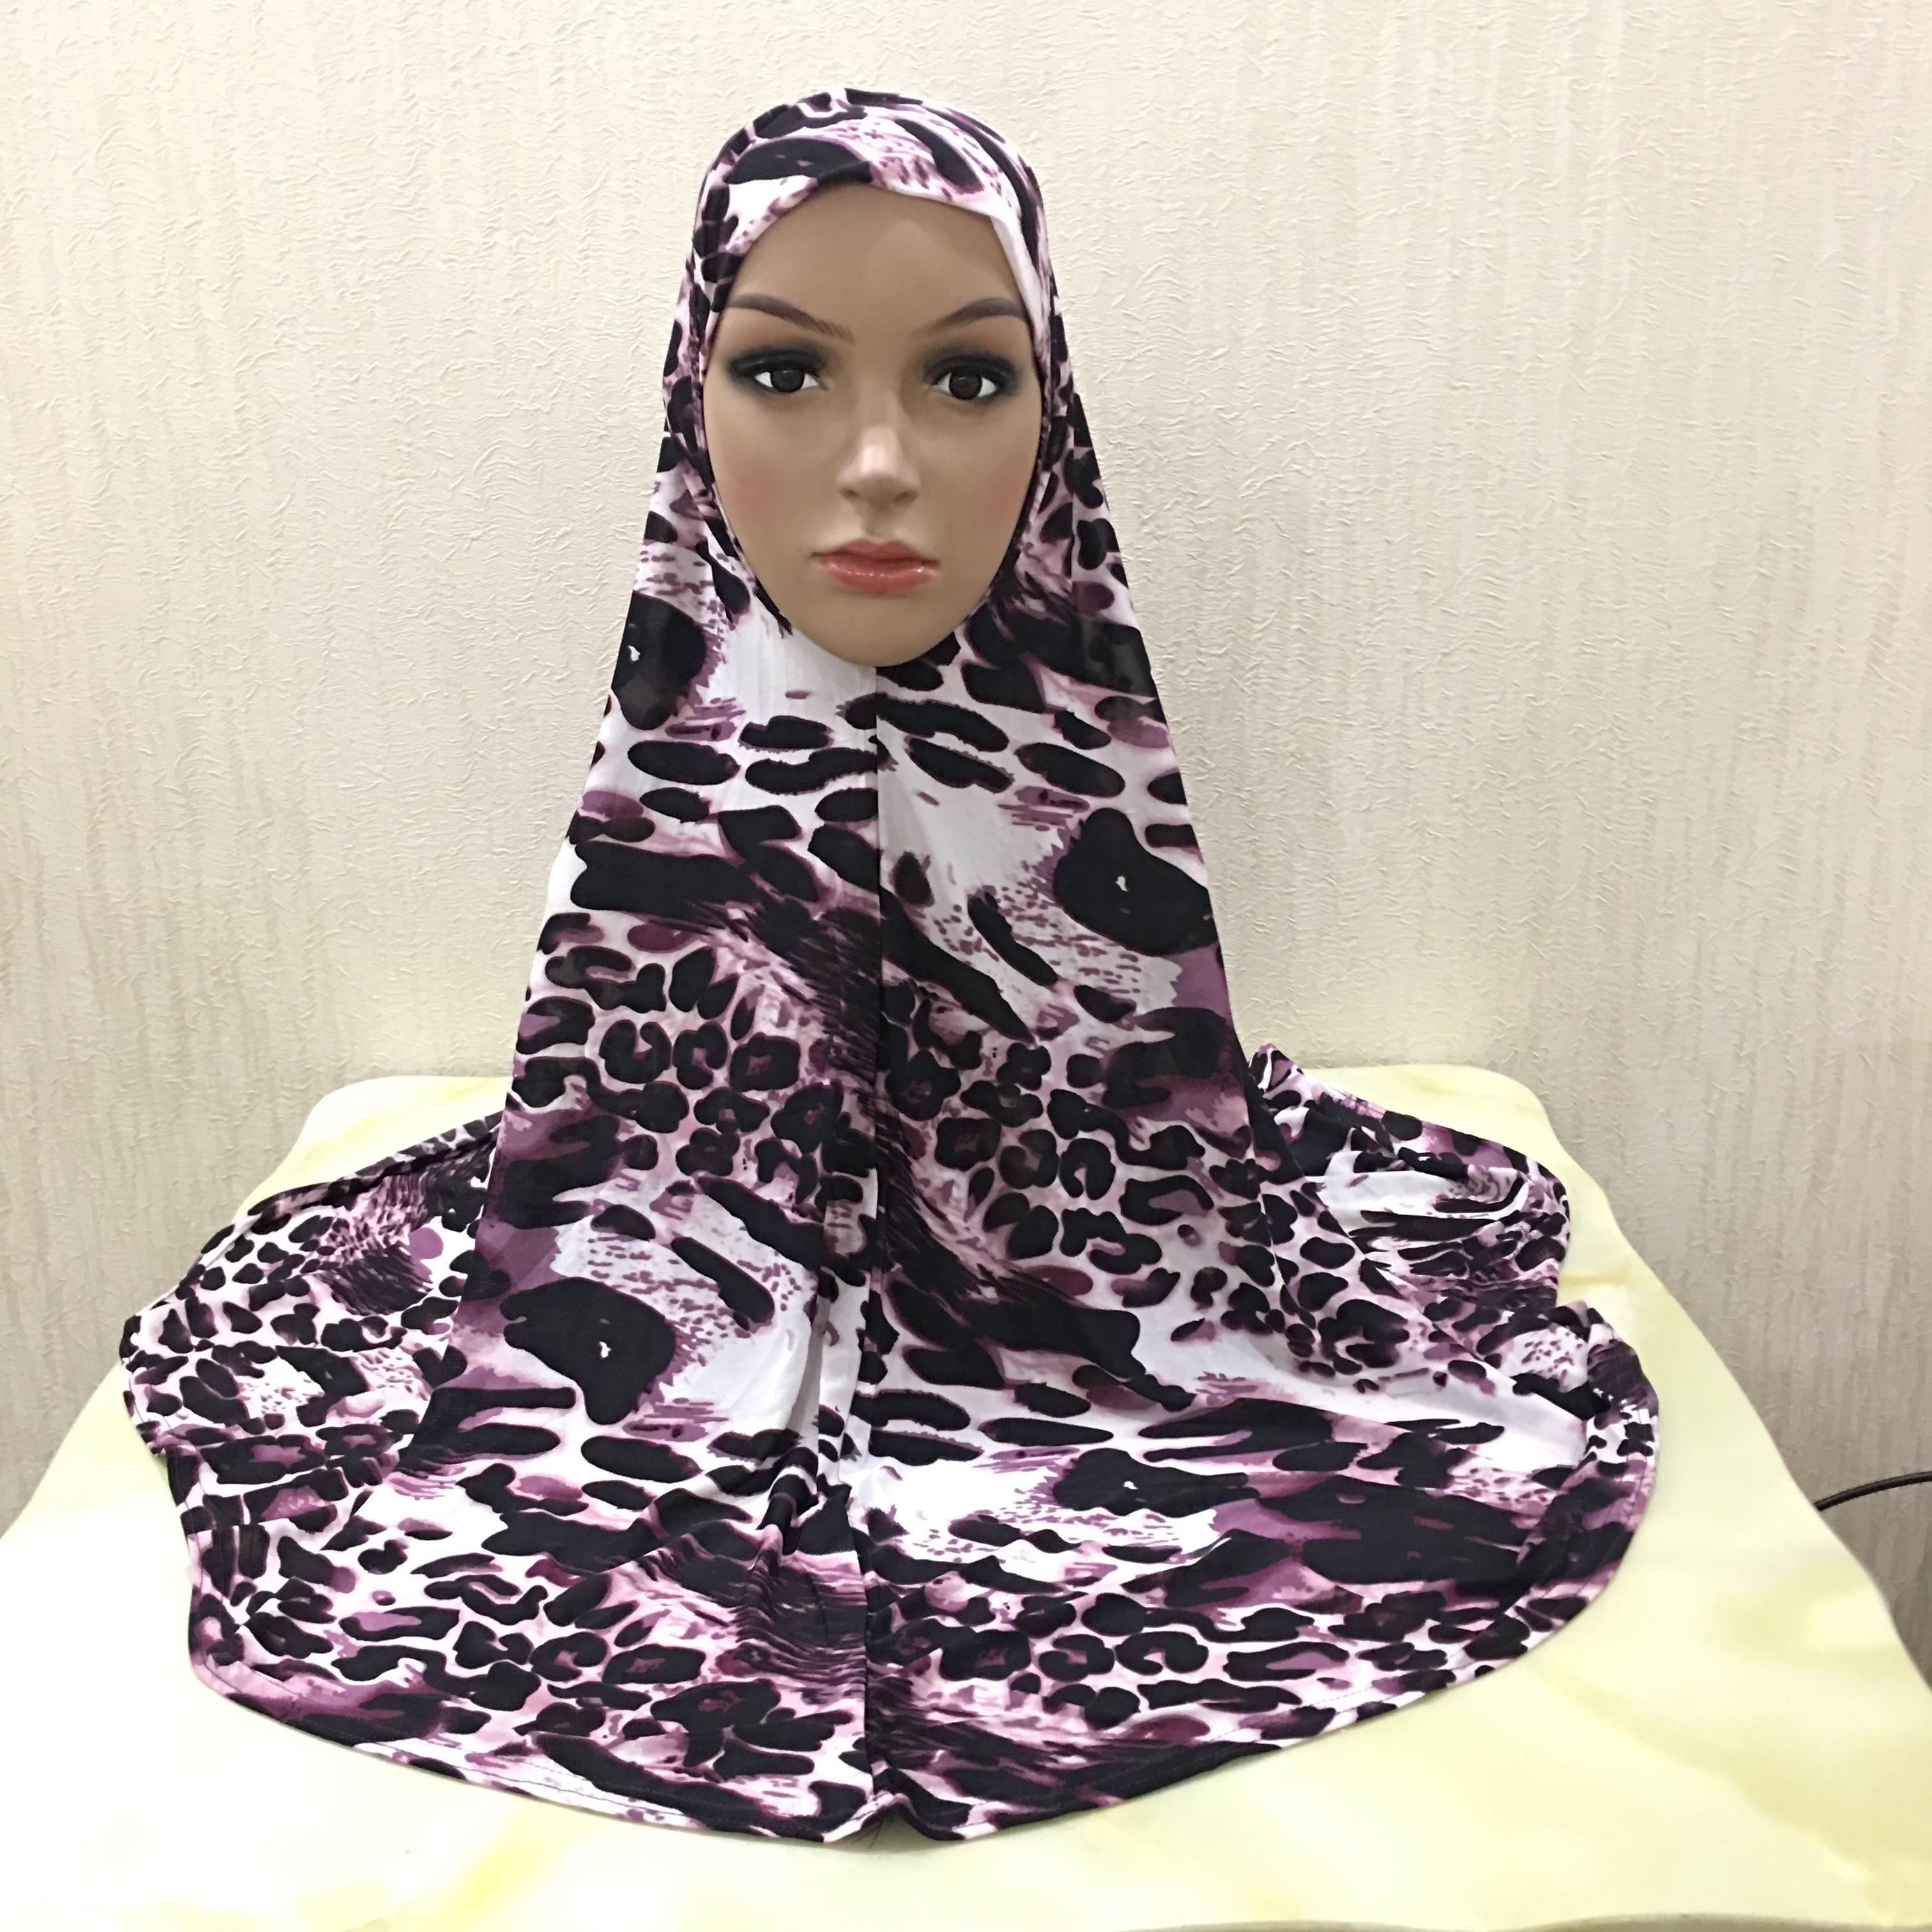 Мусульманский хиджаб с принтом H029, большой размер 90*80 см, хиджаб Амира, Натяжной шарф, повязка на голову